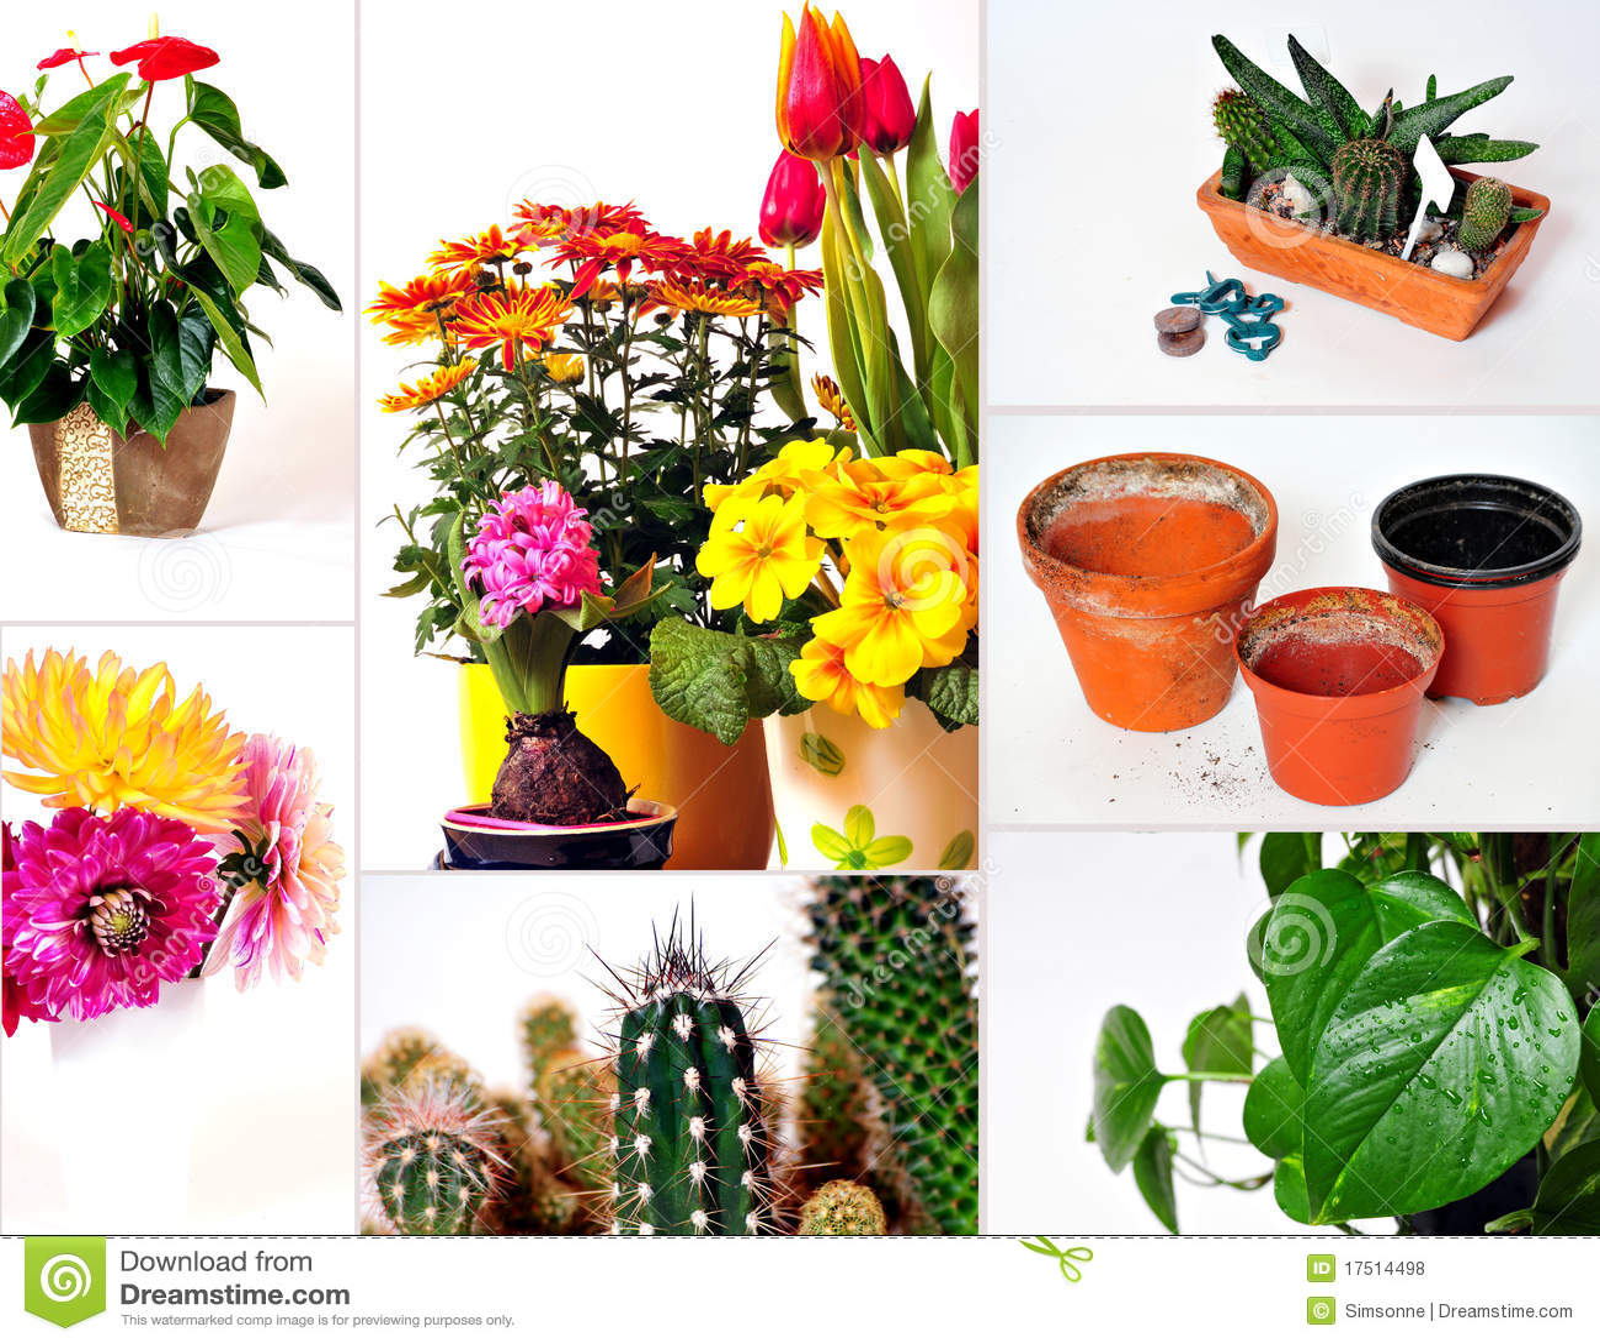 plantas jardim fotos : plantas jardim fotos:Mola das flores das plantas de jardim da colagem.